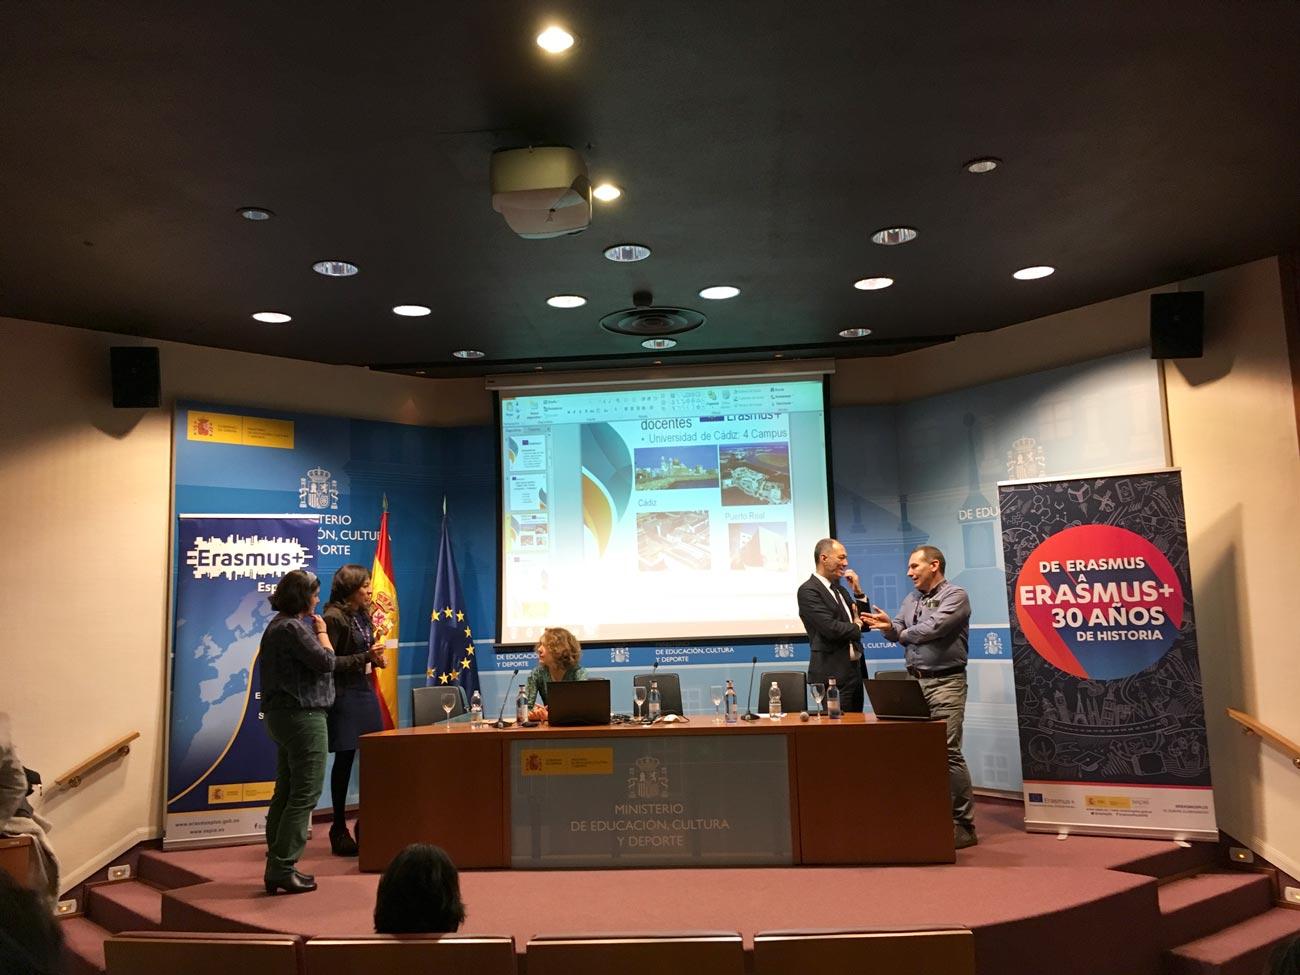 JORNADAS ERASMUS+ EN MADRID